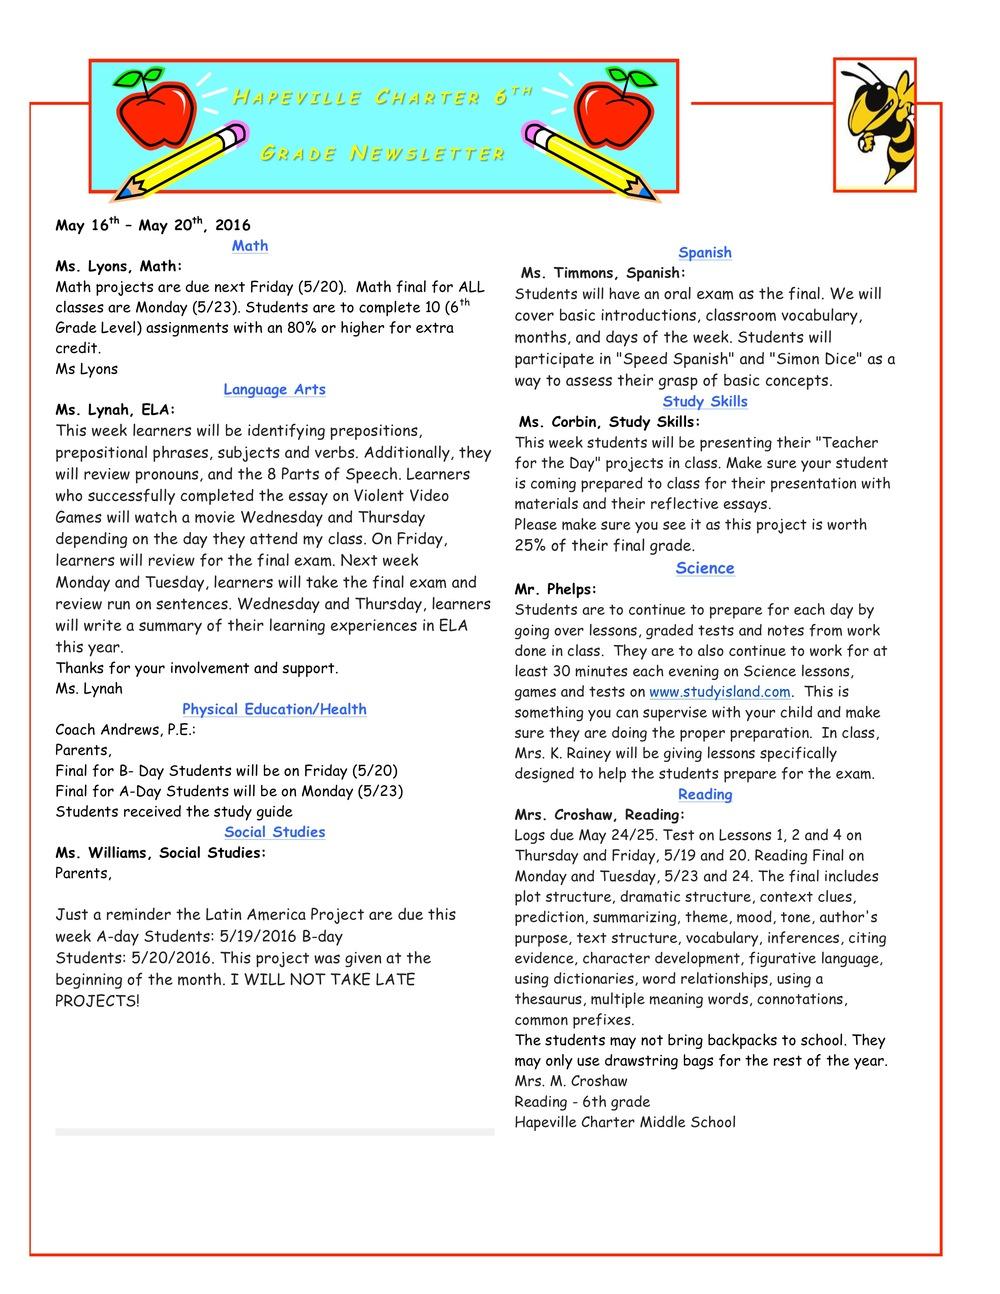 Newsletter Image6th Grade Newsletter 5-16.jpeg